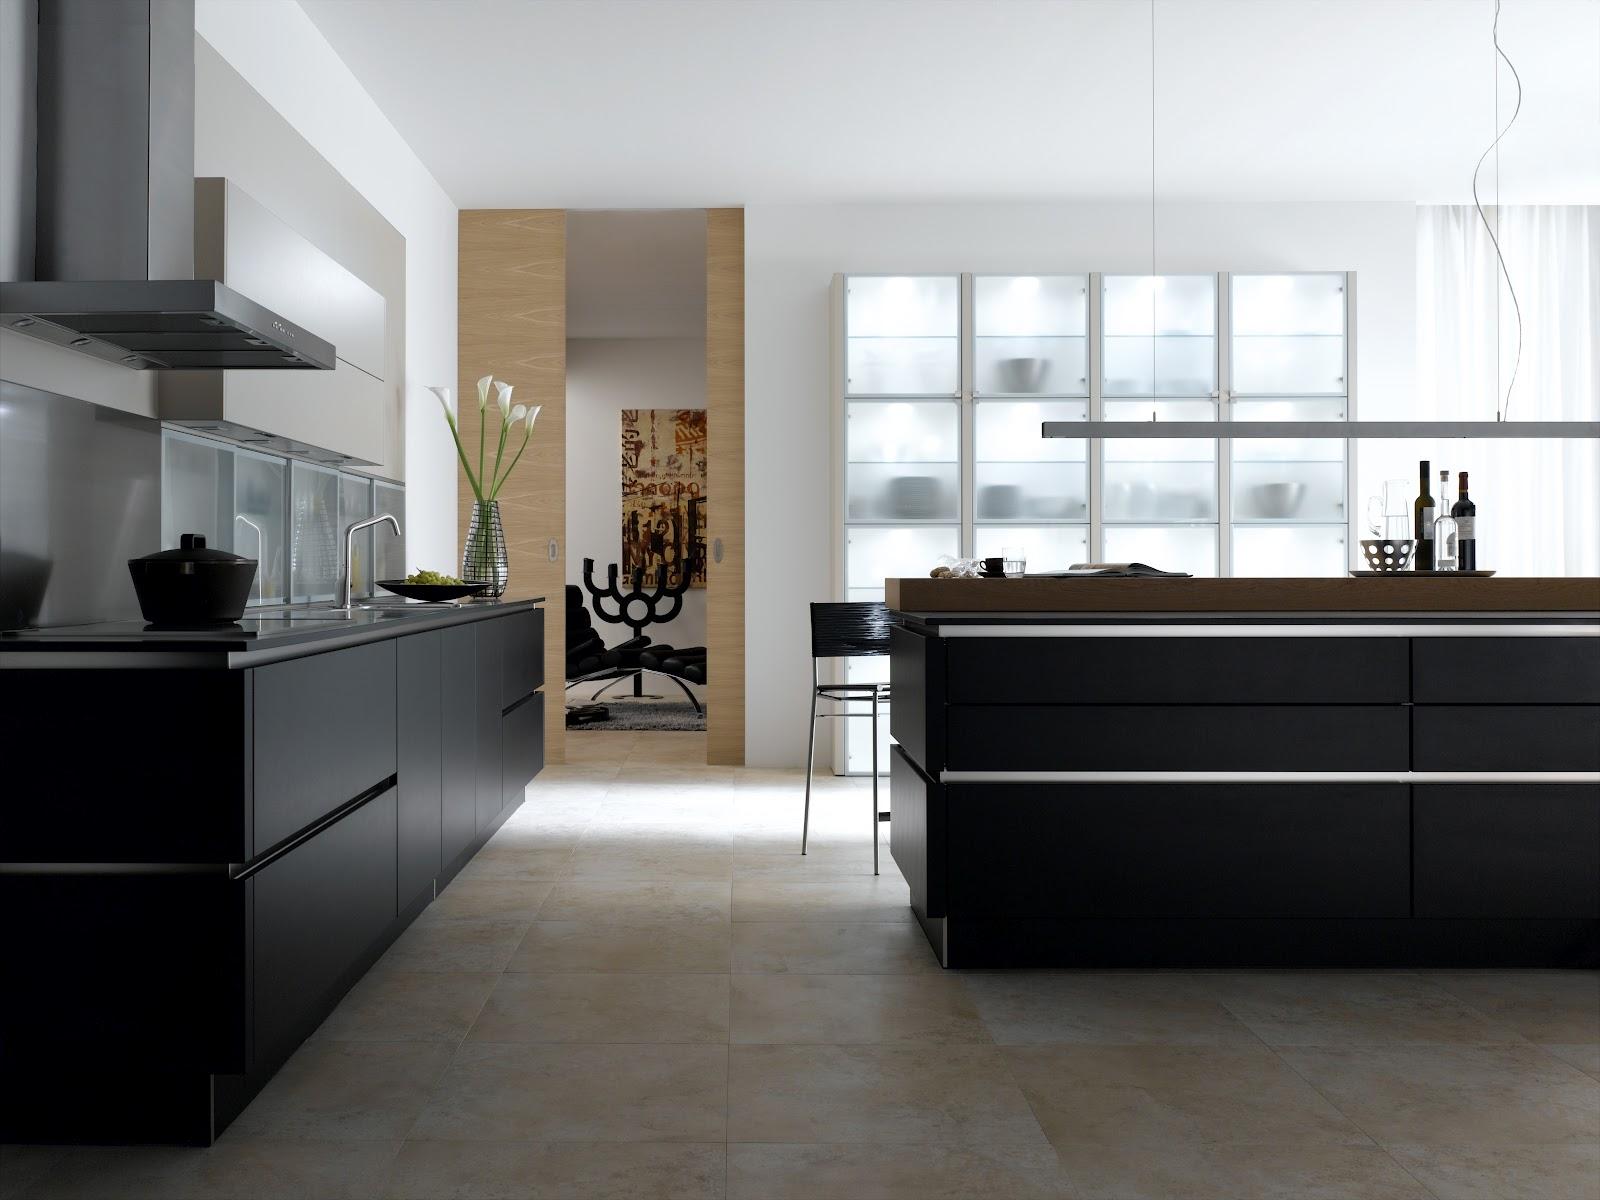 Lucas Designer de Interiores: Referências Projetos de Cozinha #595145 1600 1200